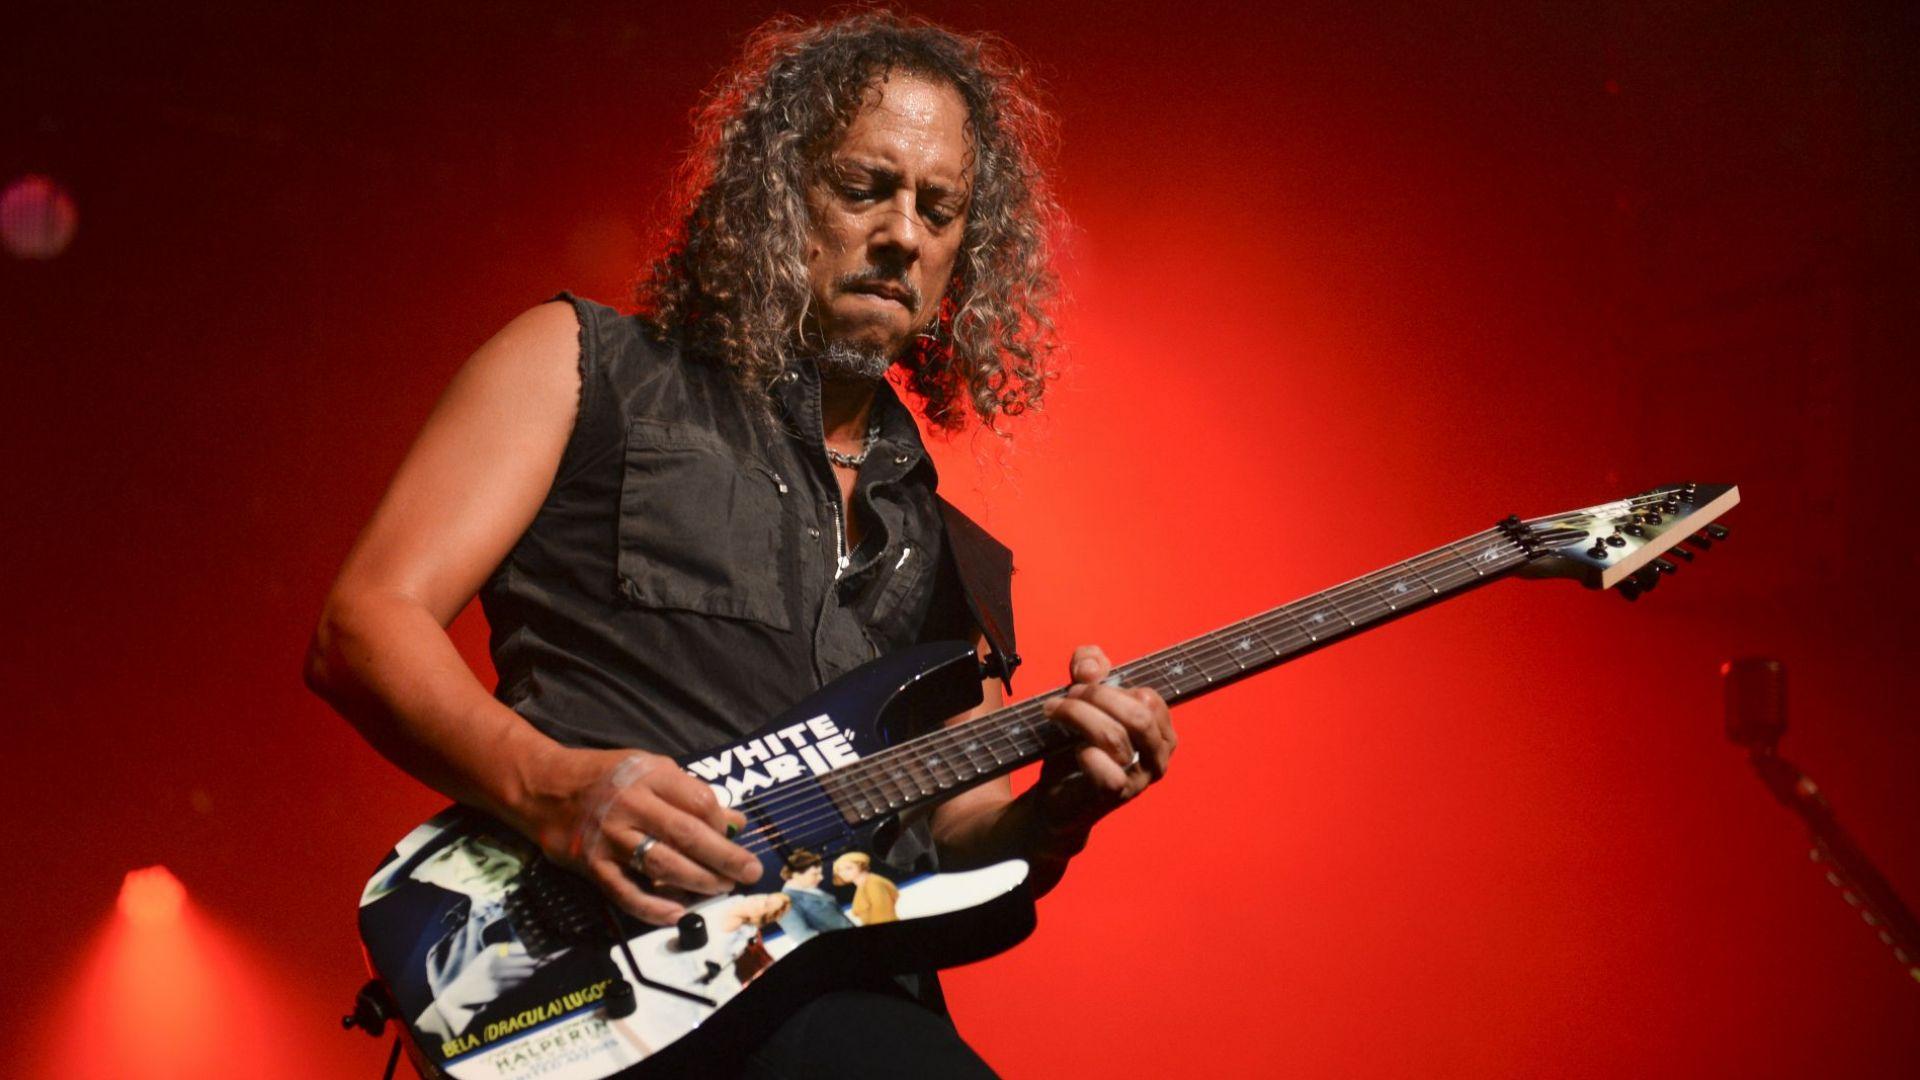 Култова китара на Кърк Хамет от Metallica се продава на търг